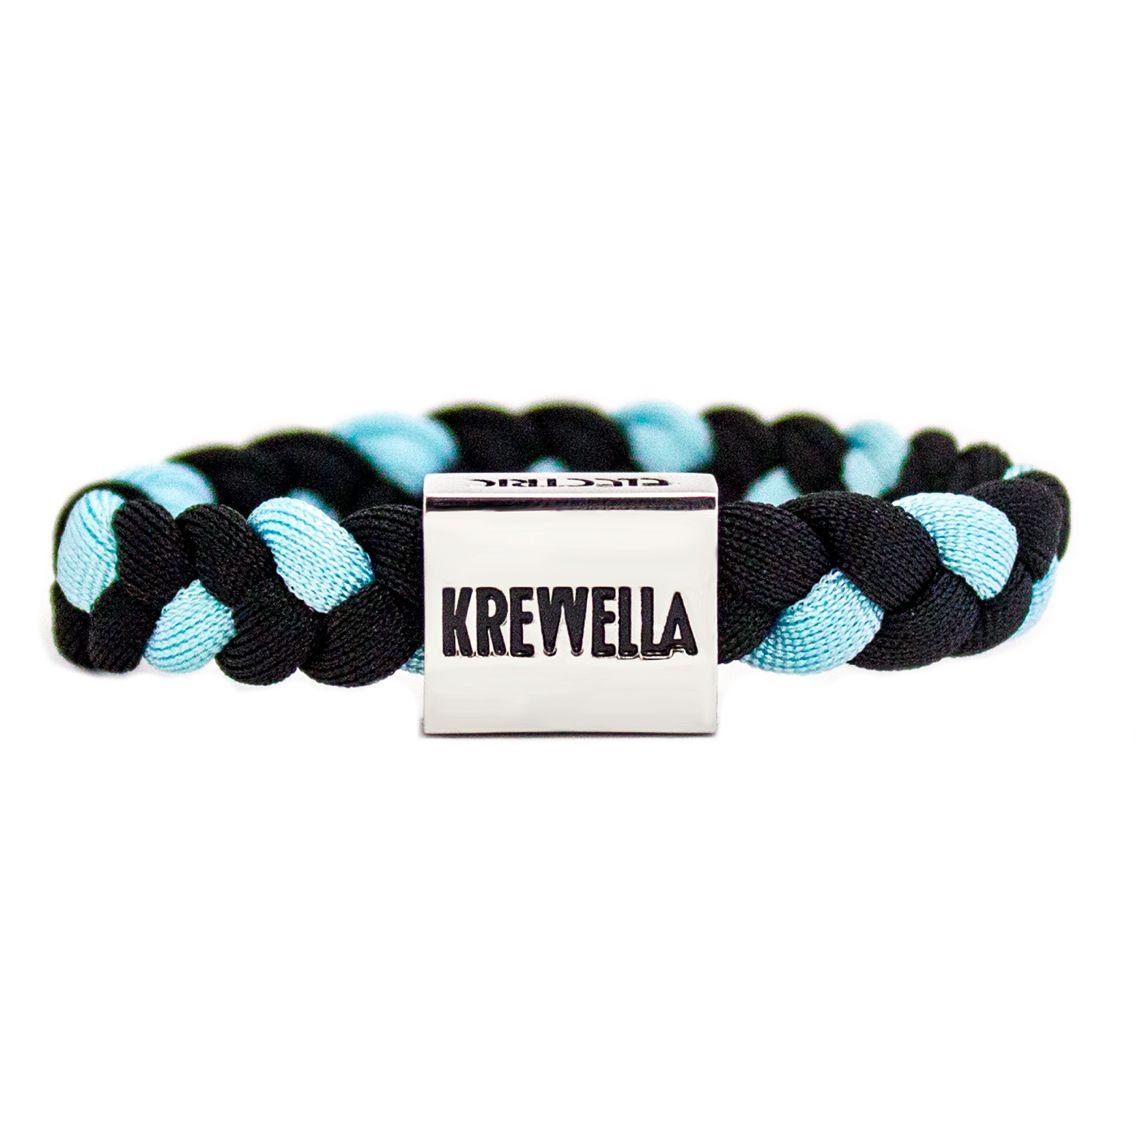 usa pas cher vente en vente en ligne 100% authentifié New Krewella x Dance For Paralysis charity bracelet! It is ...